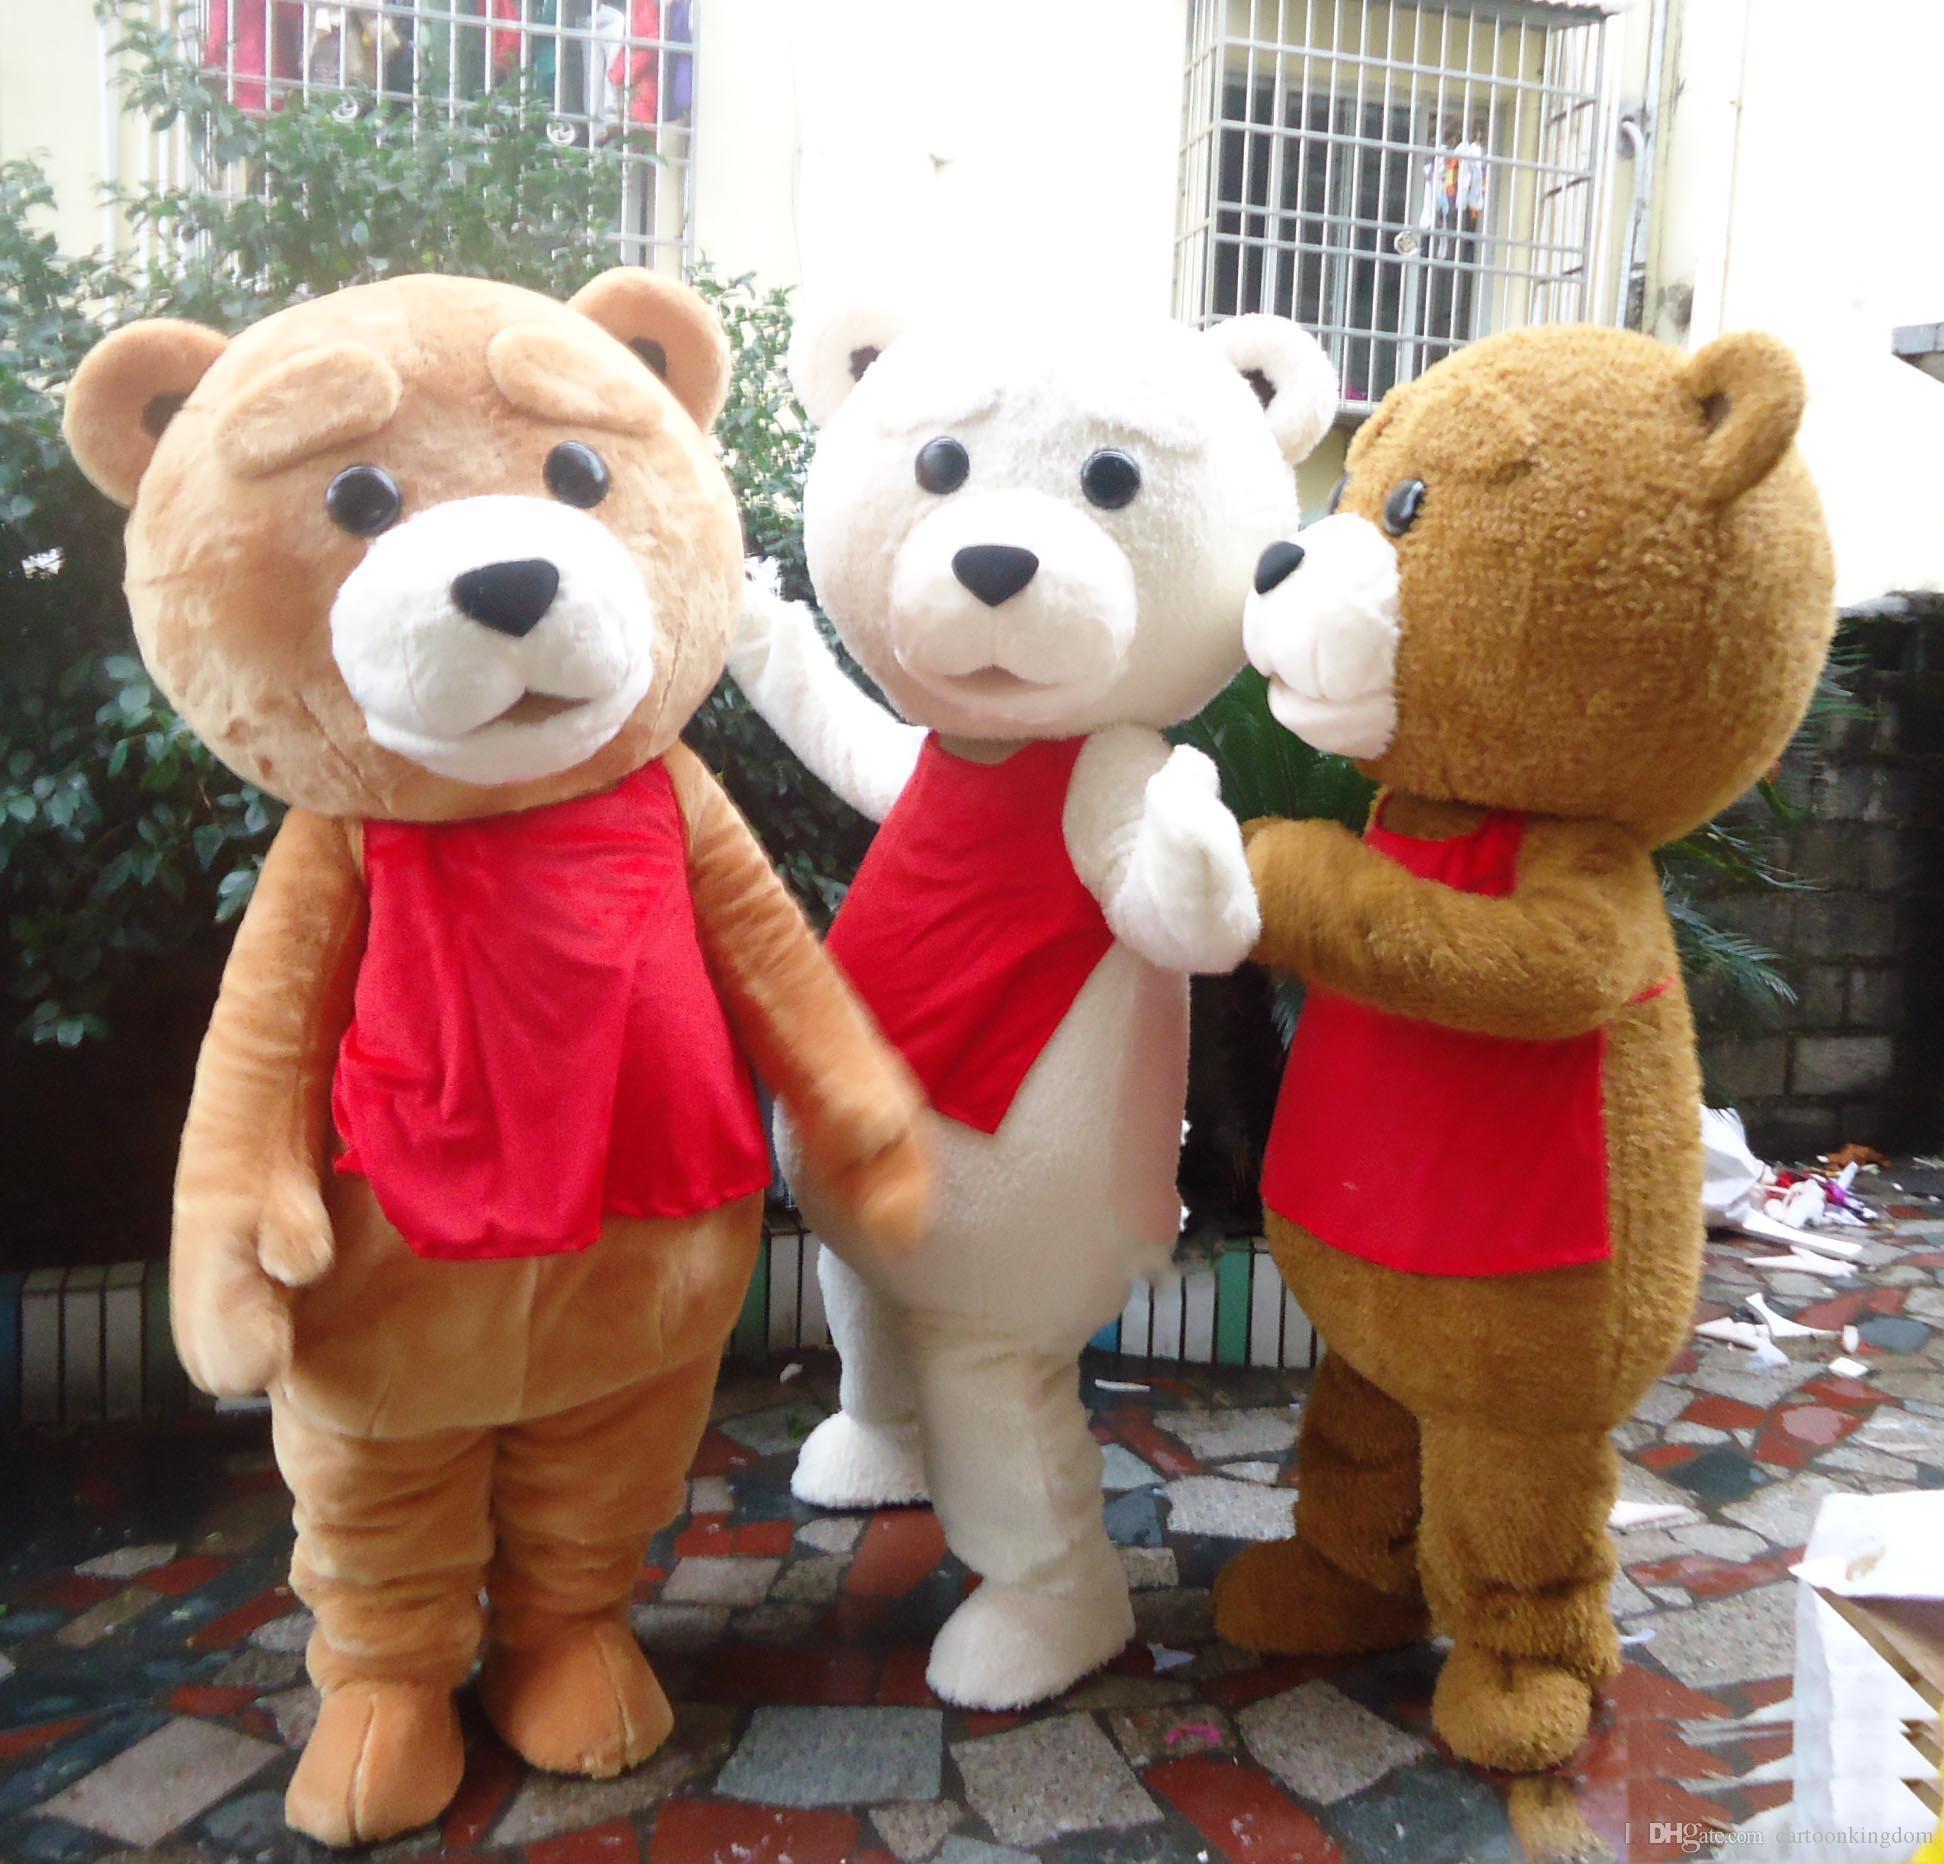 2018 İndirim fabrika satış teddy bear maskot kostüm yetişkin için seçim için 5 renk ile satılık giymek